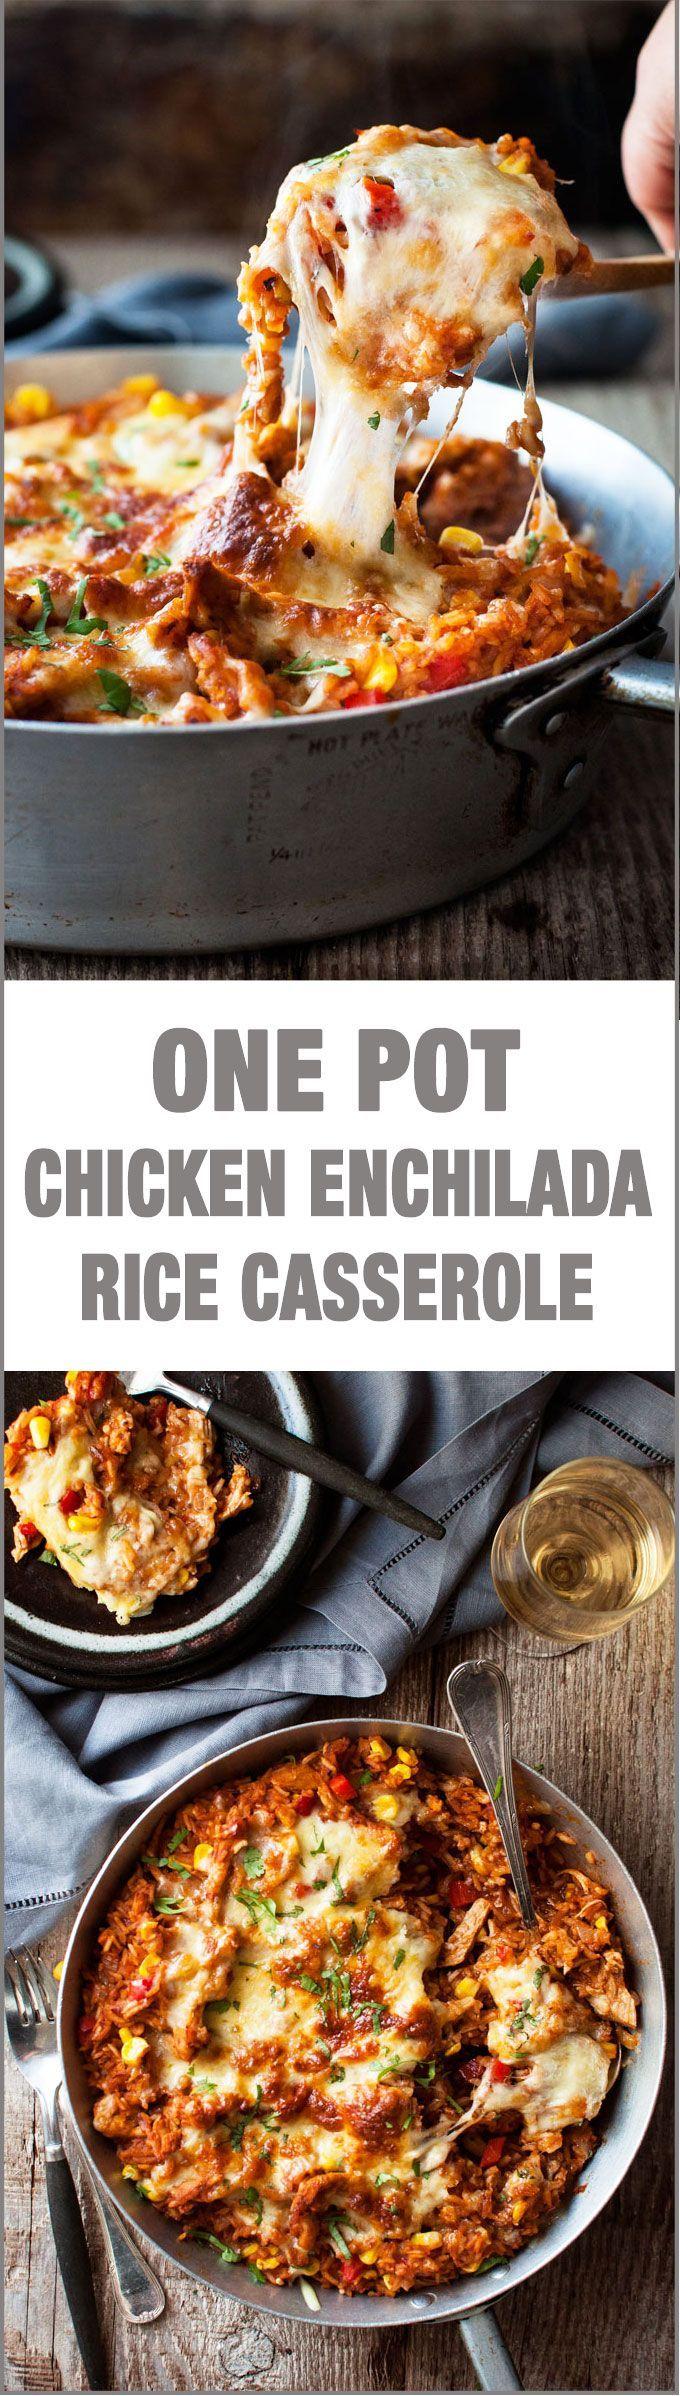 One Pot Chicken Enchilada Rice Casserole - super schnell gemacht und sehr lecker!